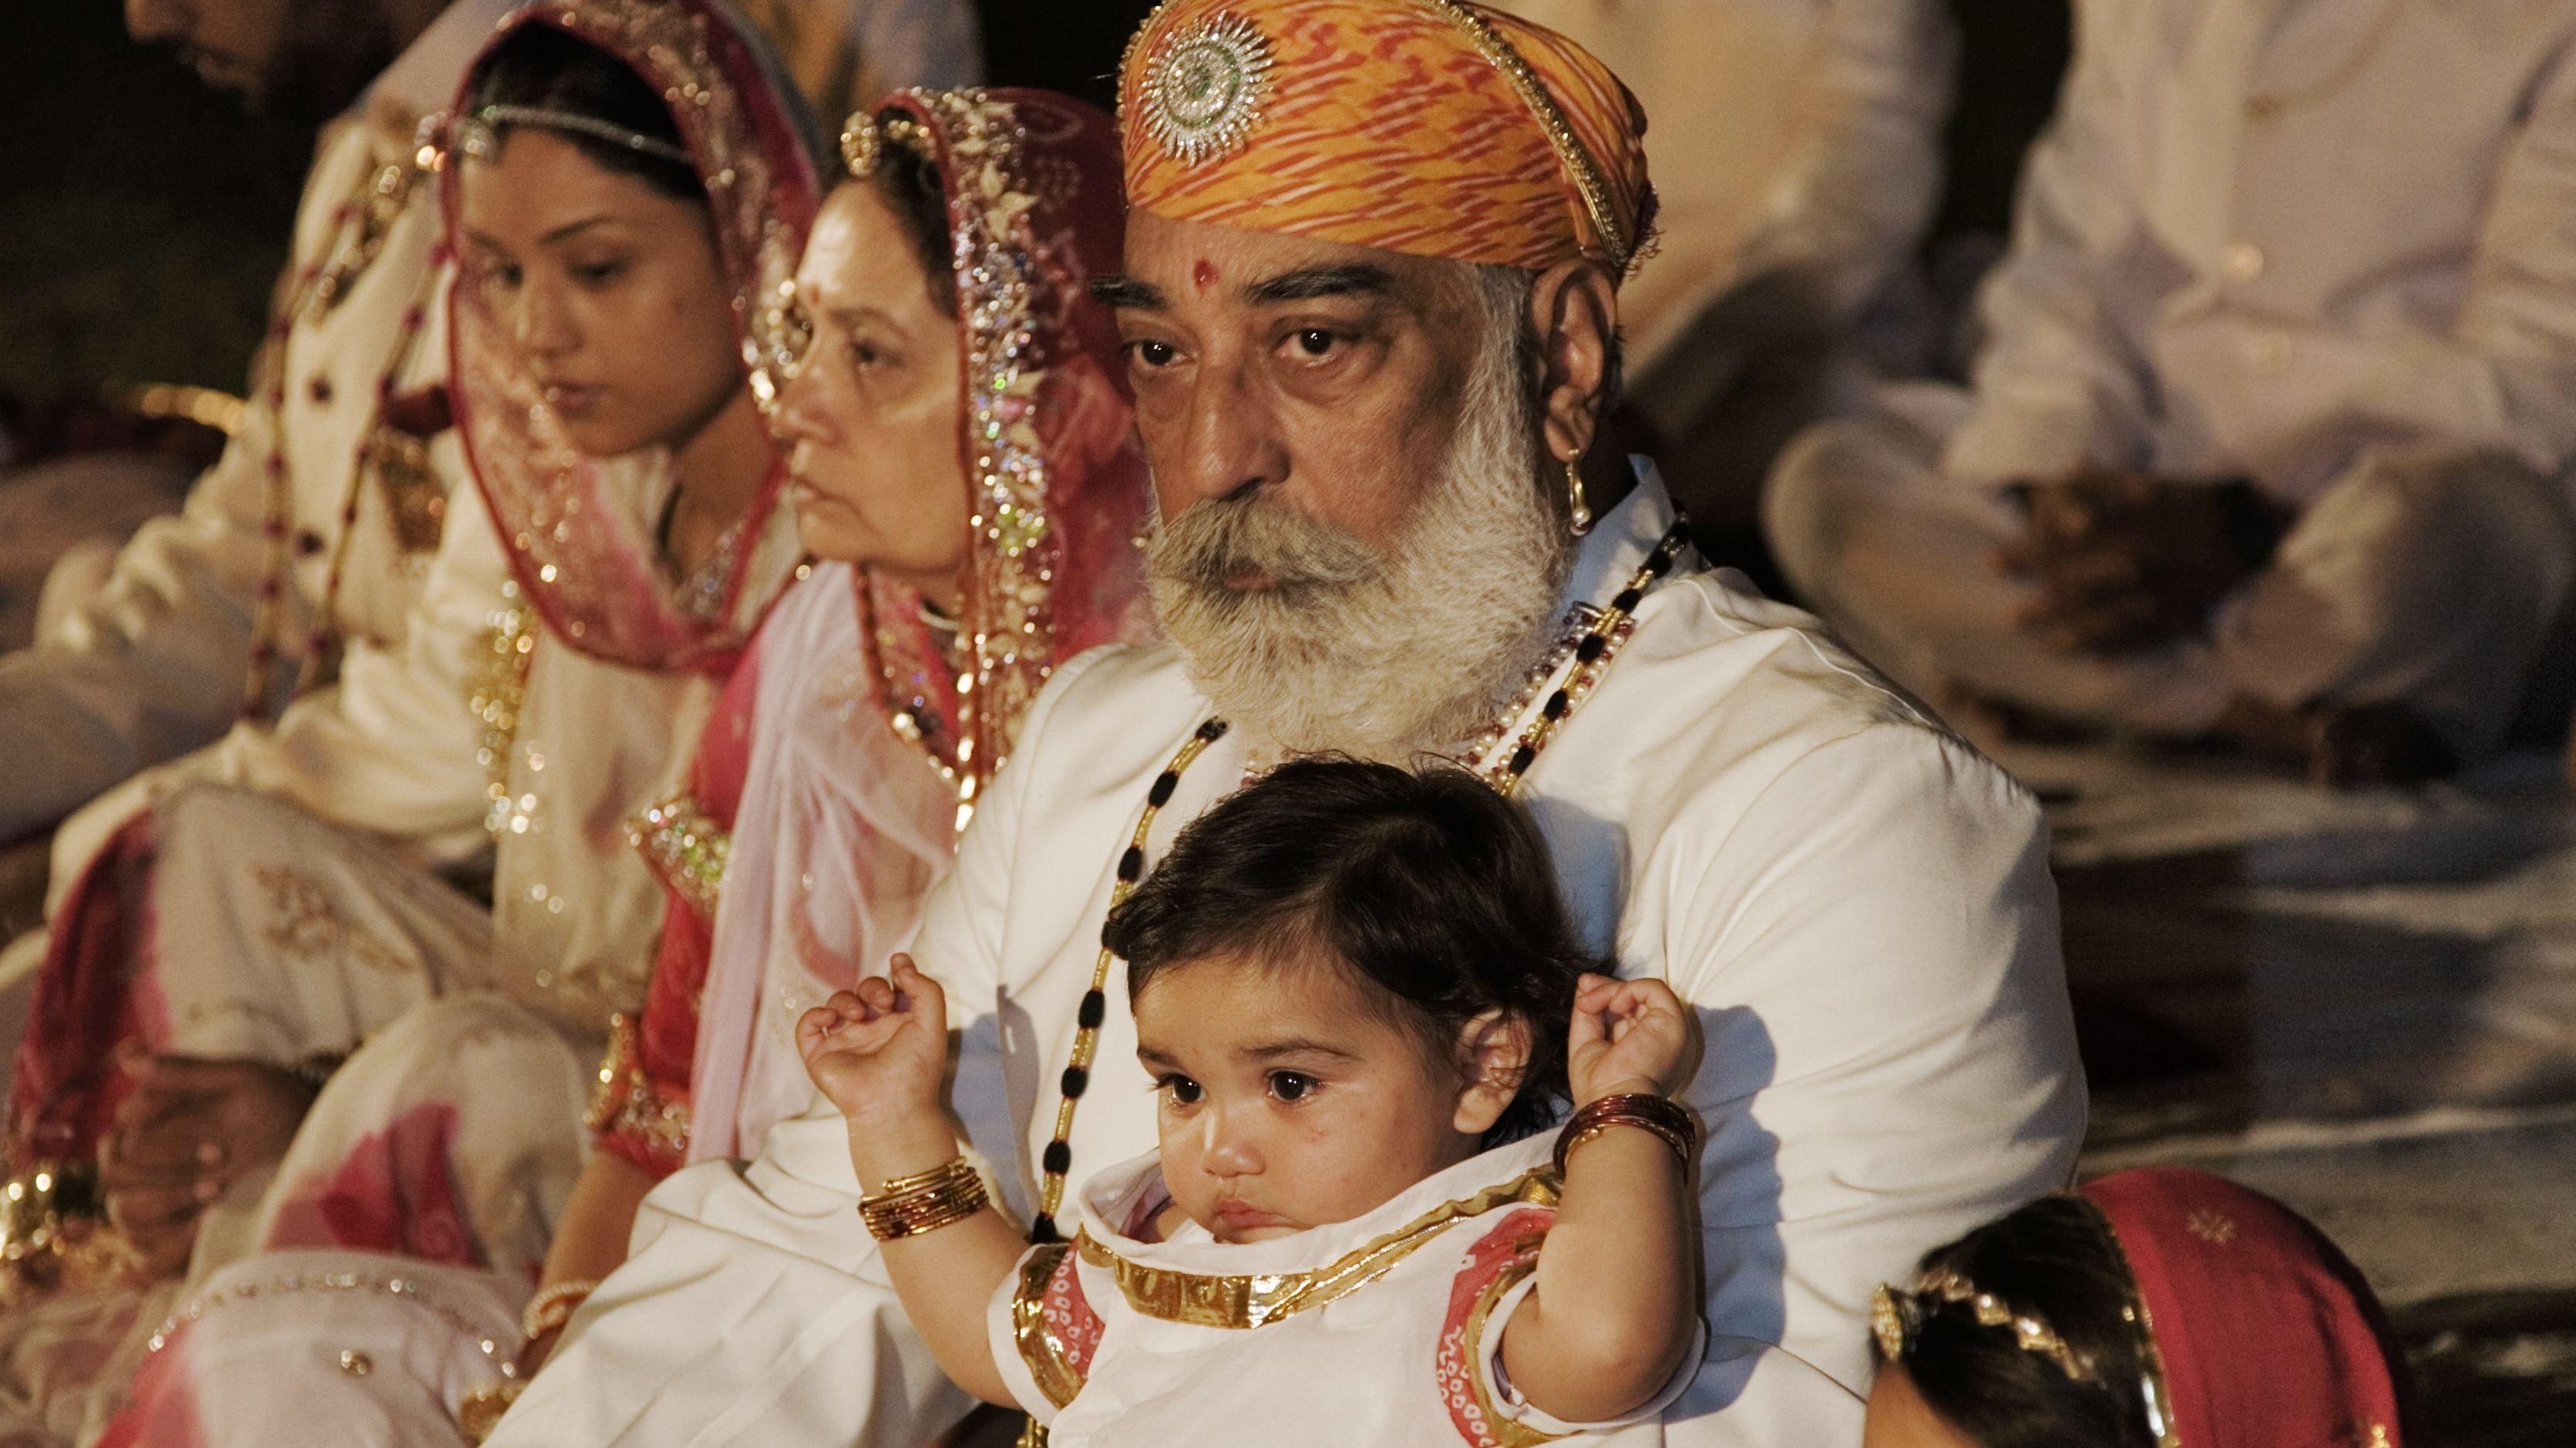 Ein reicher Geschäftsmann, der das moderne Indien verkörpert - der Maharadscha von Udaipur seiner Familie